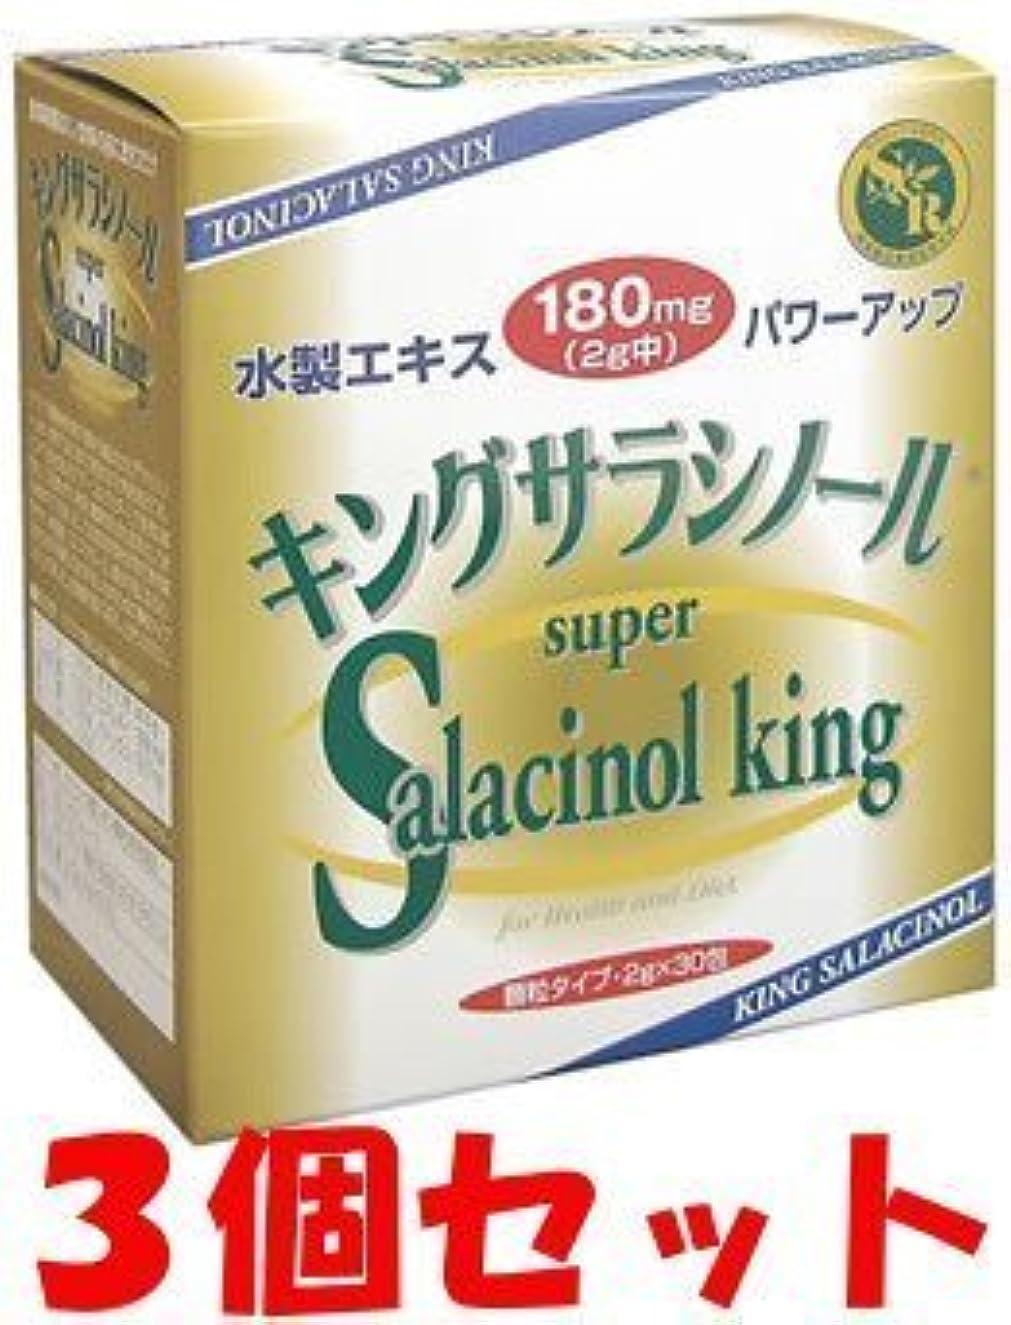 マエストロ反逆者エゴイズム【3個セット】キングサラシノール 30包